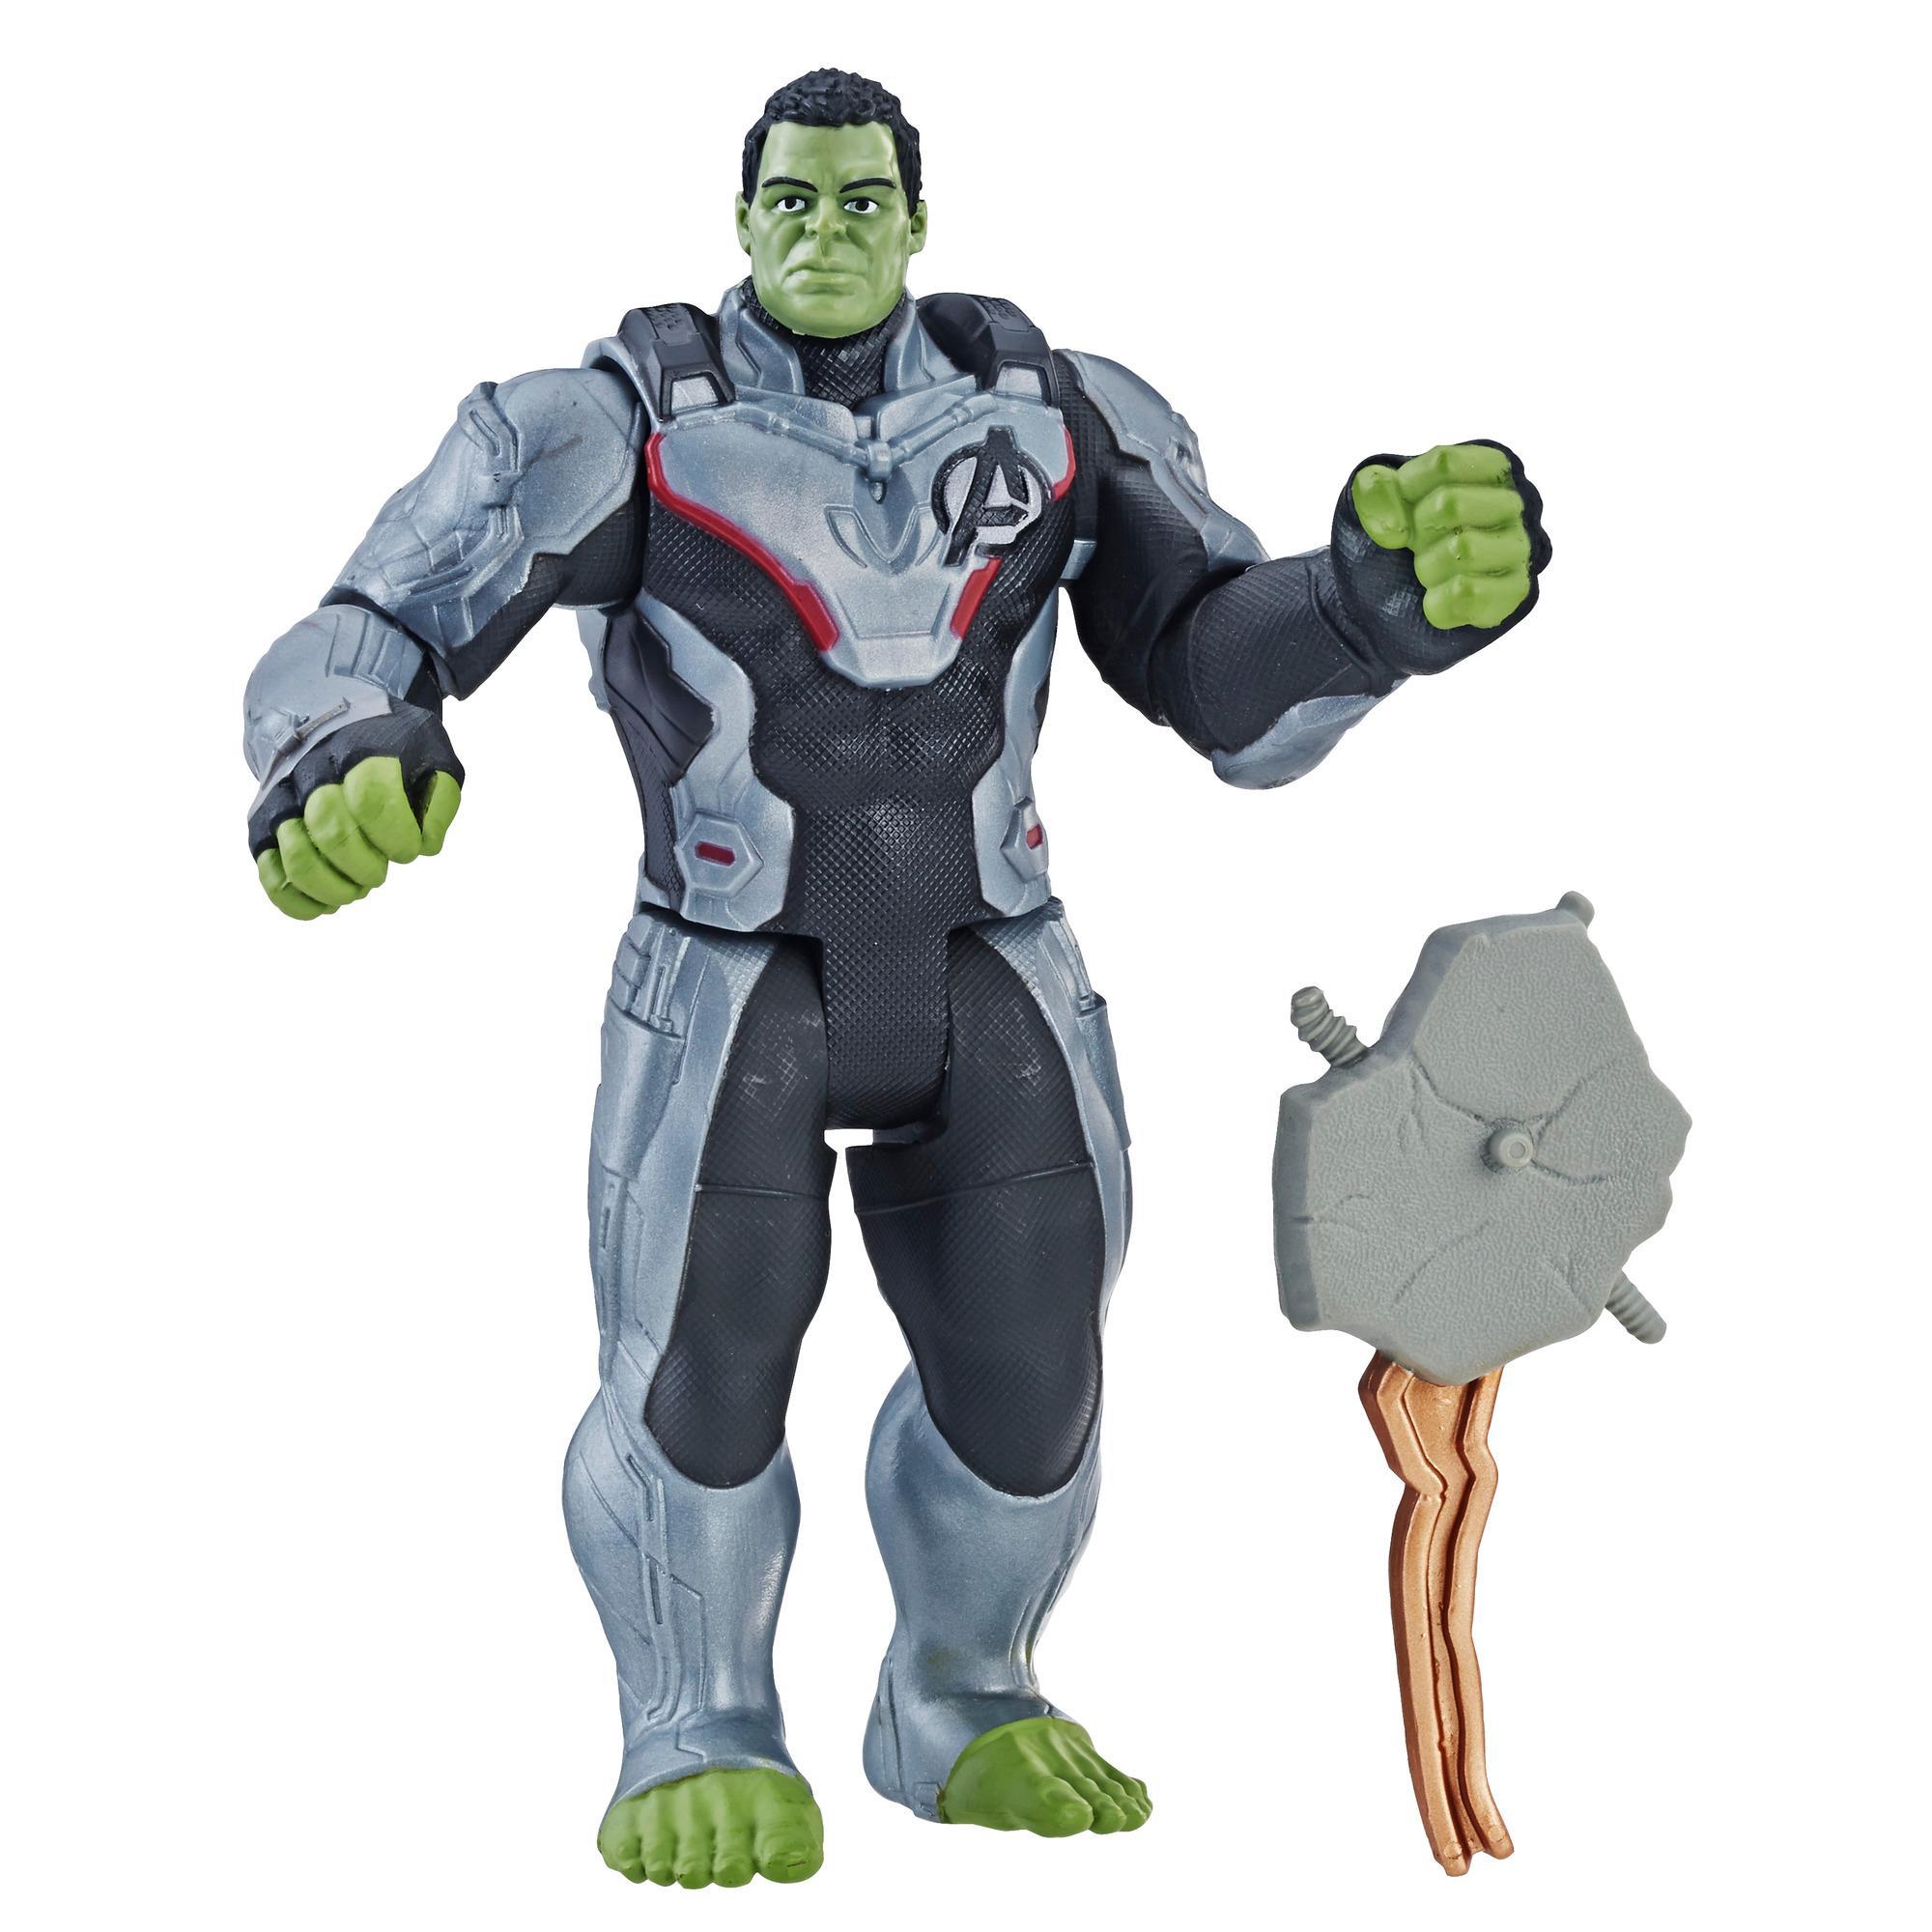 Avengers: Endgame Avengers Zırhlı Hulk Özel Figür